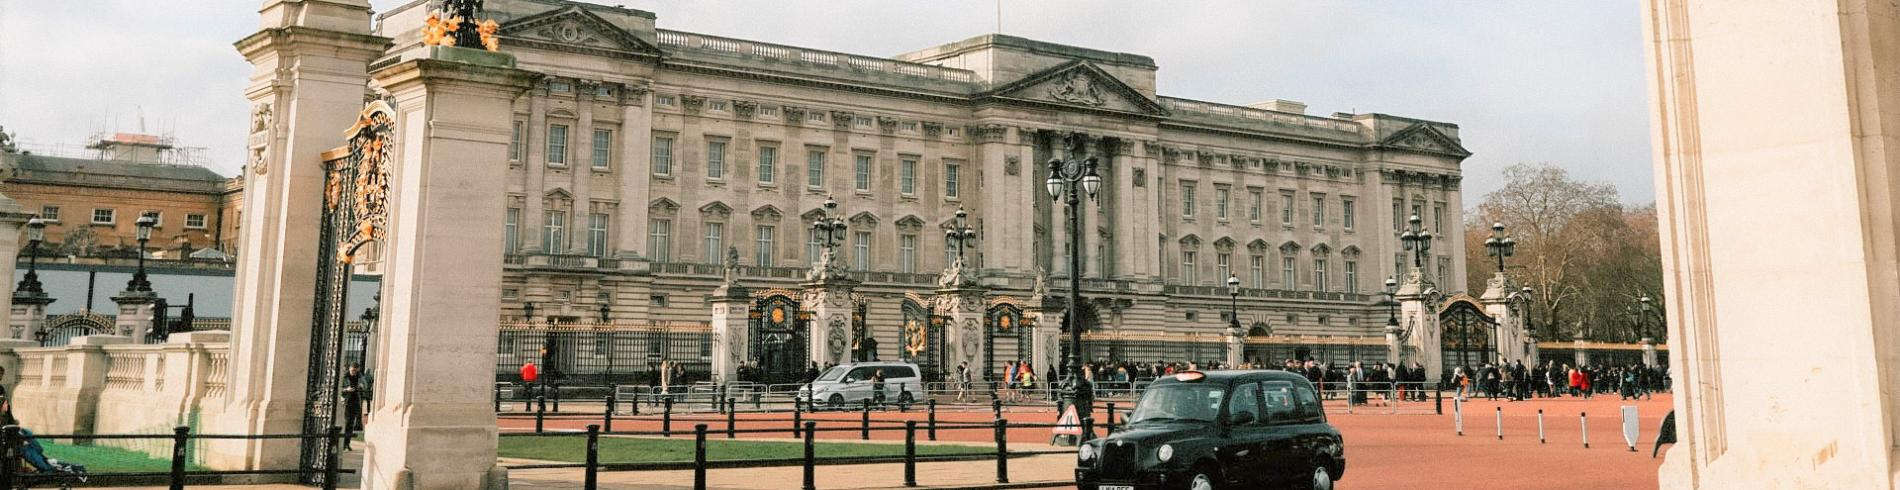 Buckingham Palace and Black Cab